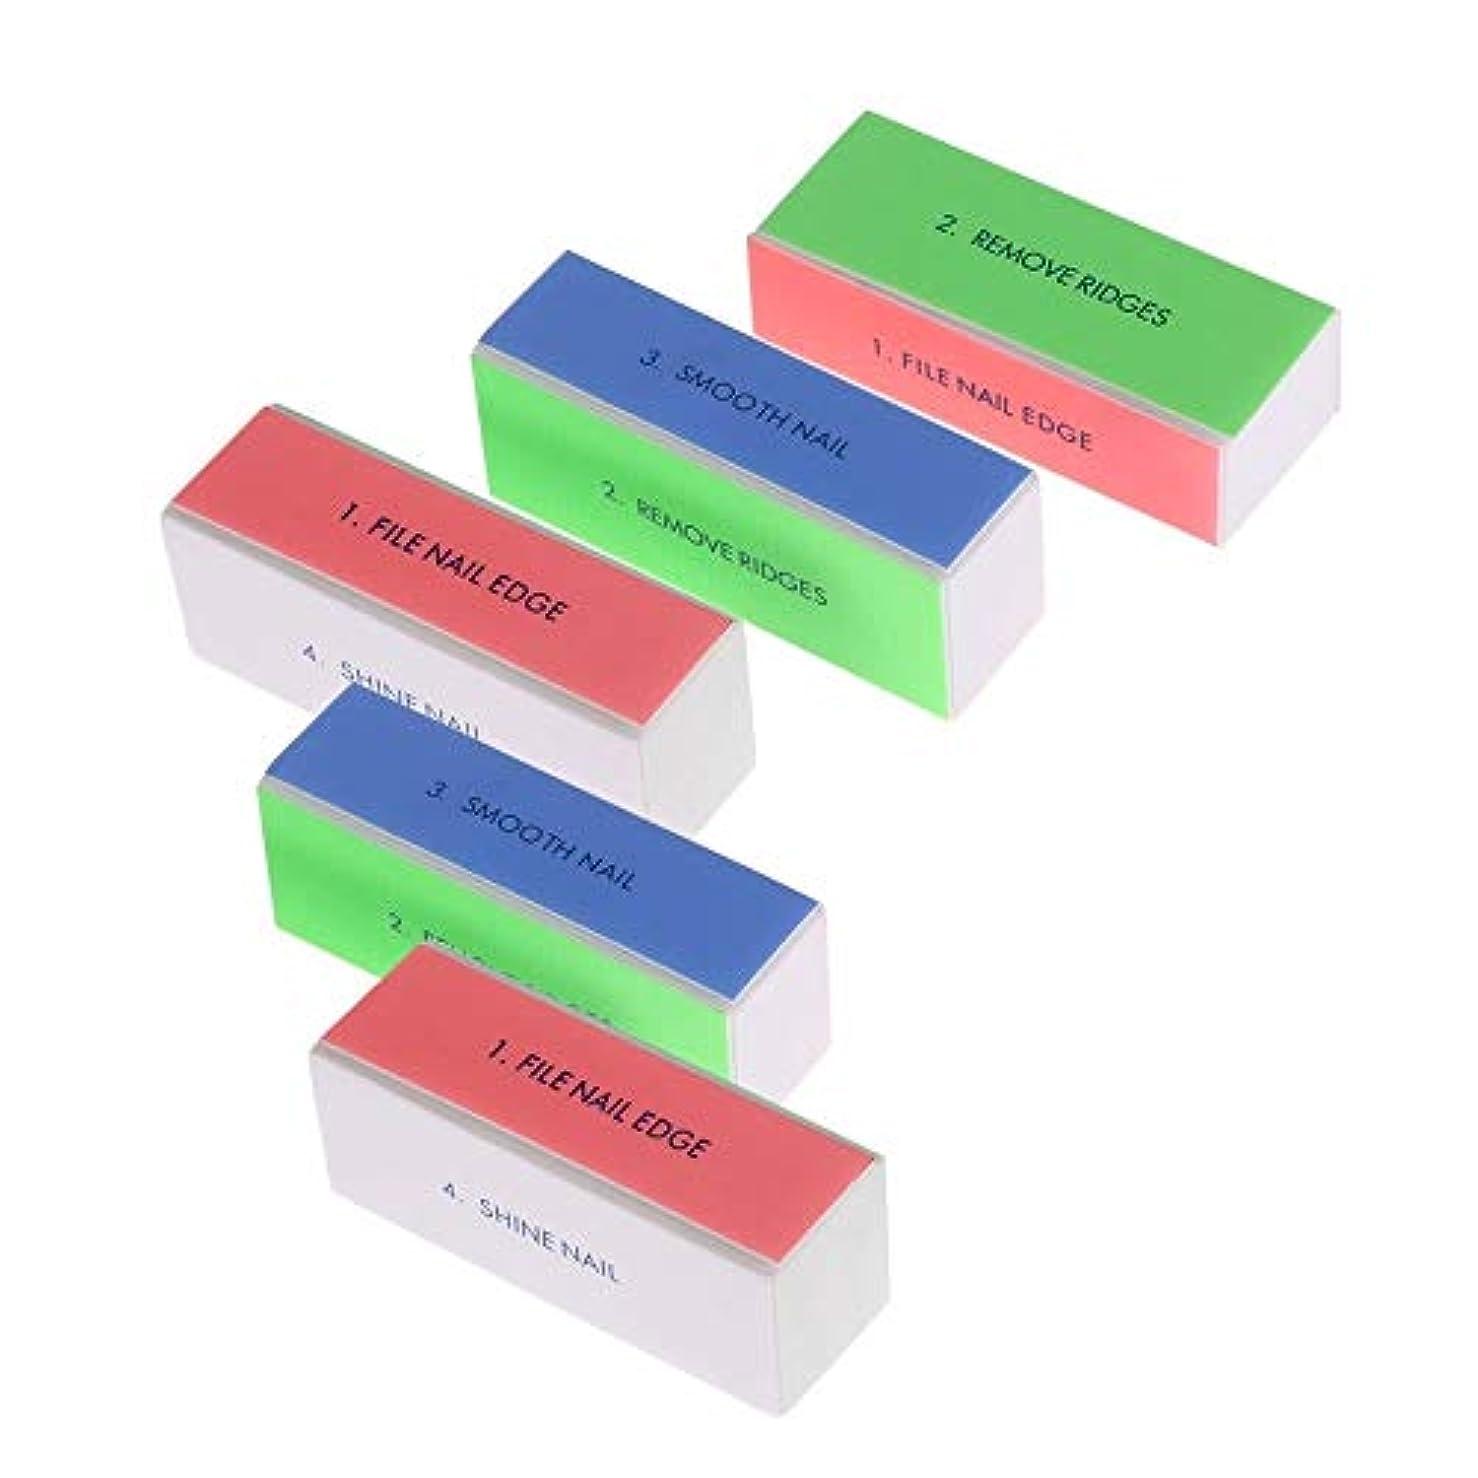 リテラシー論文ステートメントネイルアート 専用 5ピース 爪やすり 爪磨き 4面 10本 ブロックバッファー ネイルシャイン ネイルケア